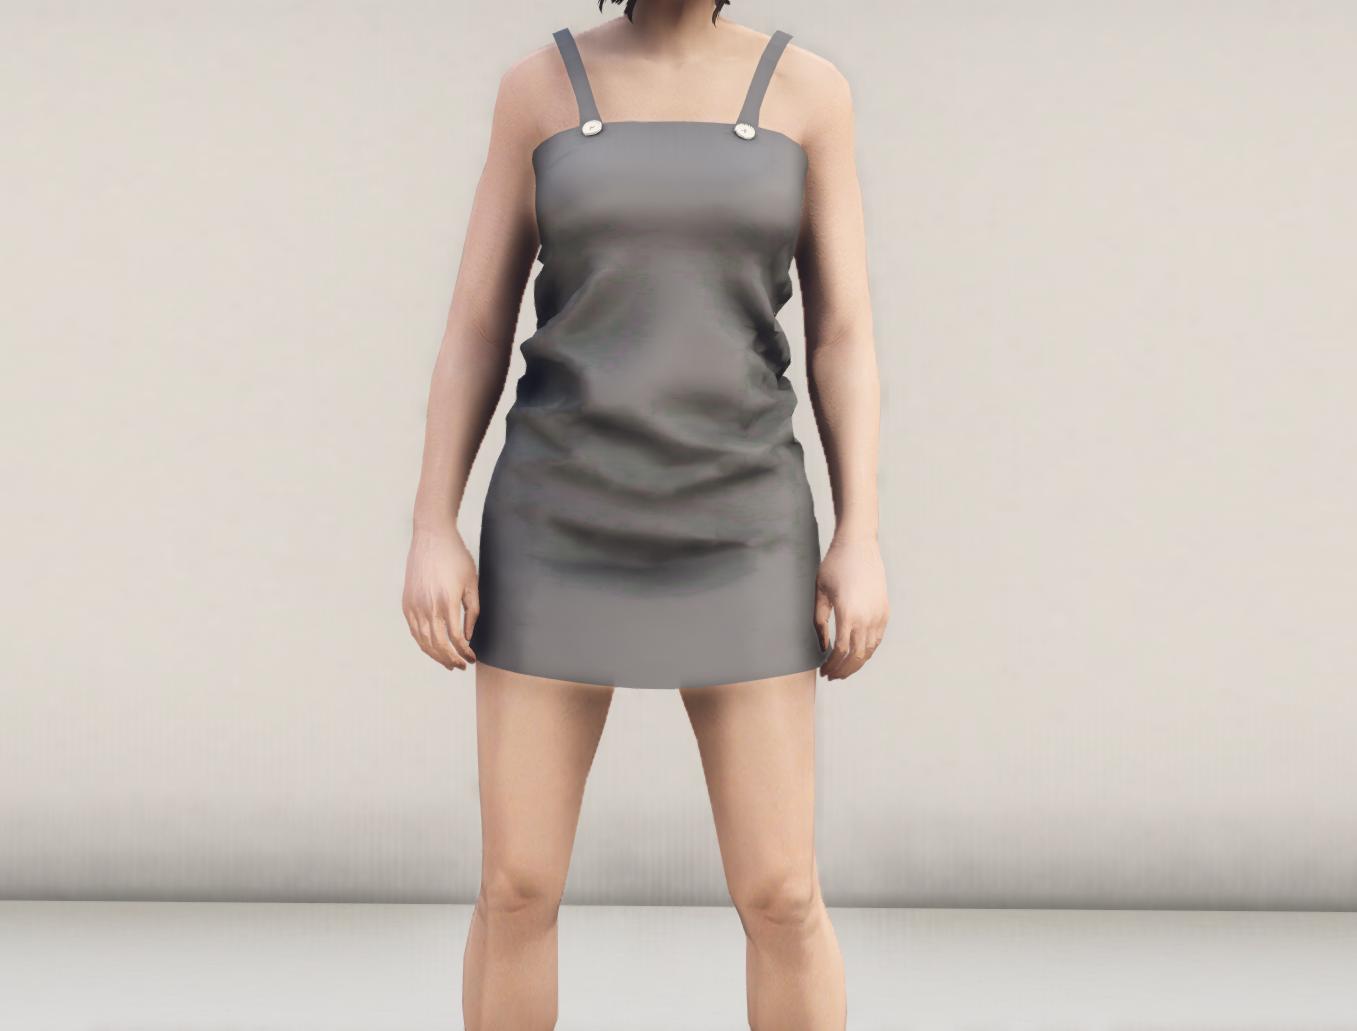 Dress for MP Female v1.0